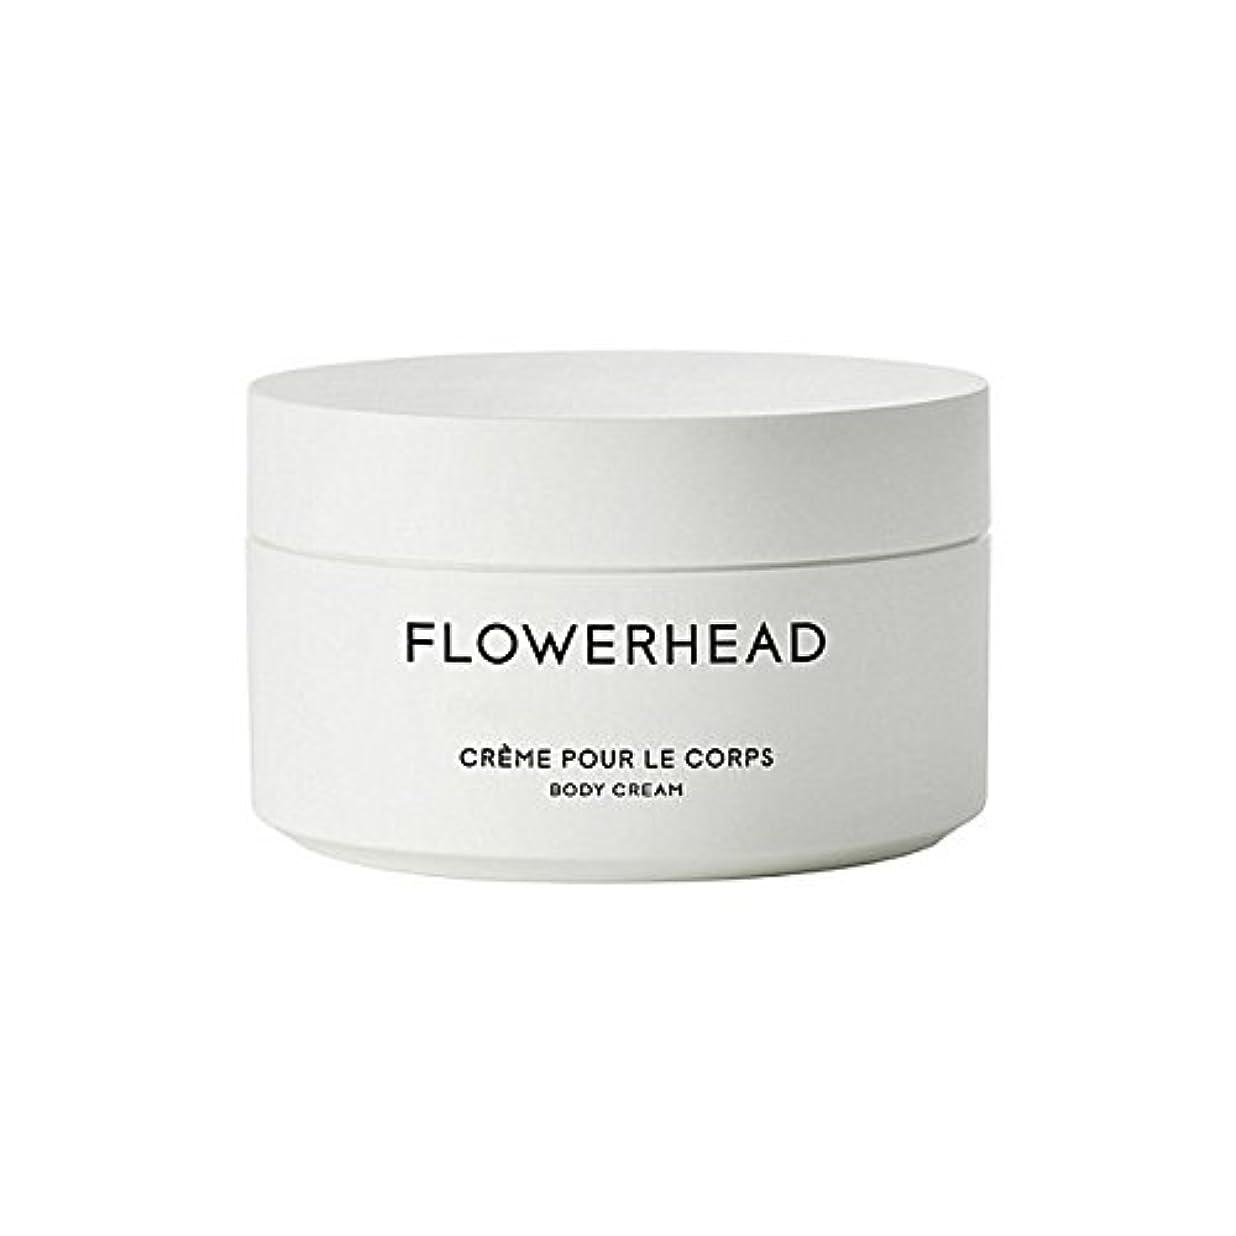 指標パックメタルラインボディクリーム200ミリリットル x4 - Byredo Flowerhead Body Cream 200ml (Pack of 4) [並行輸入品]